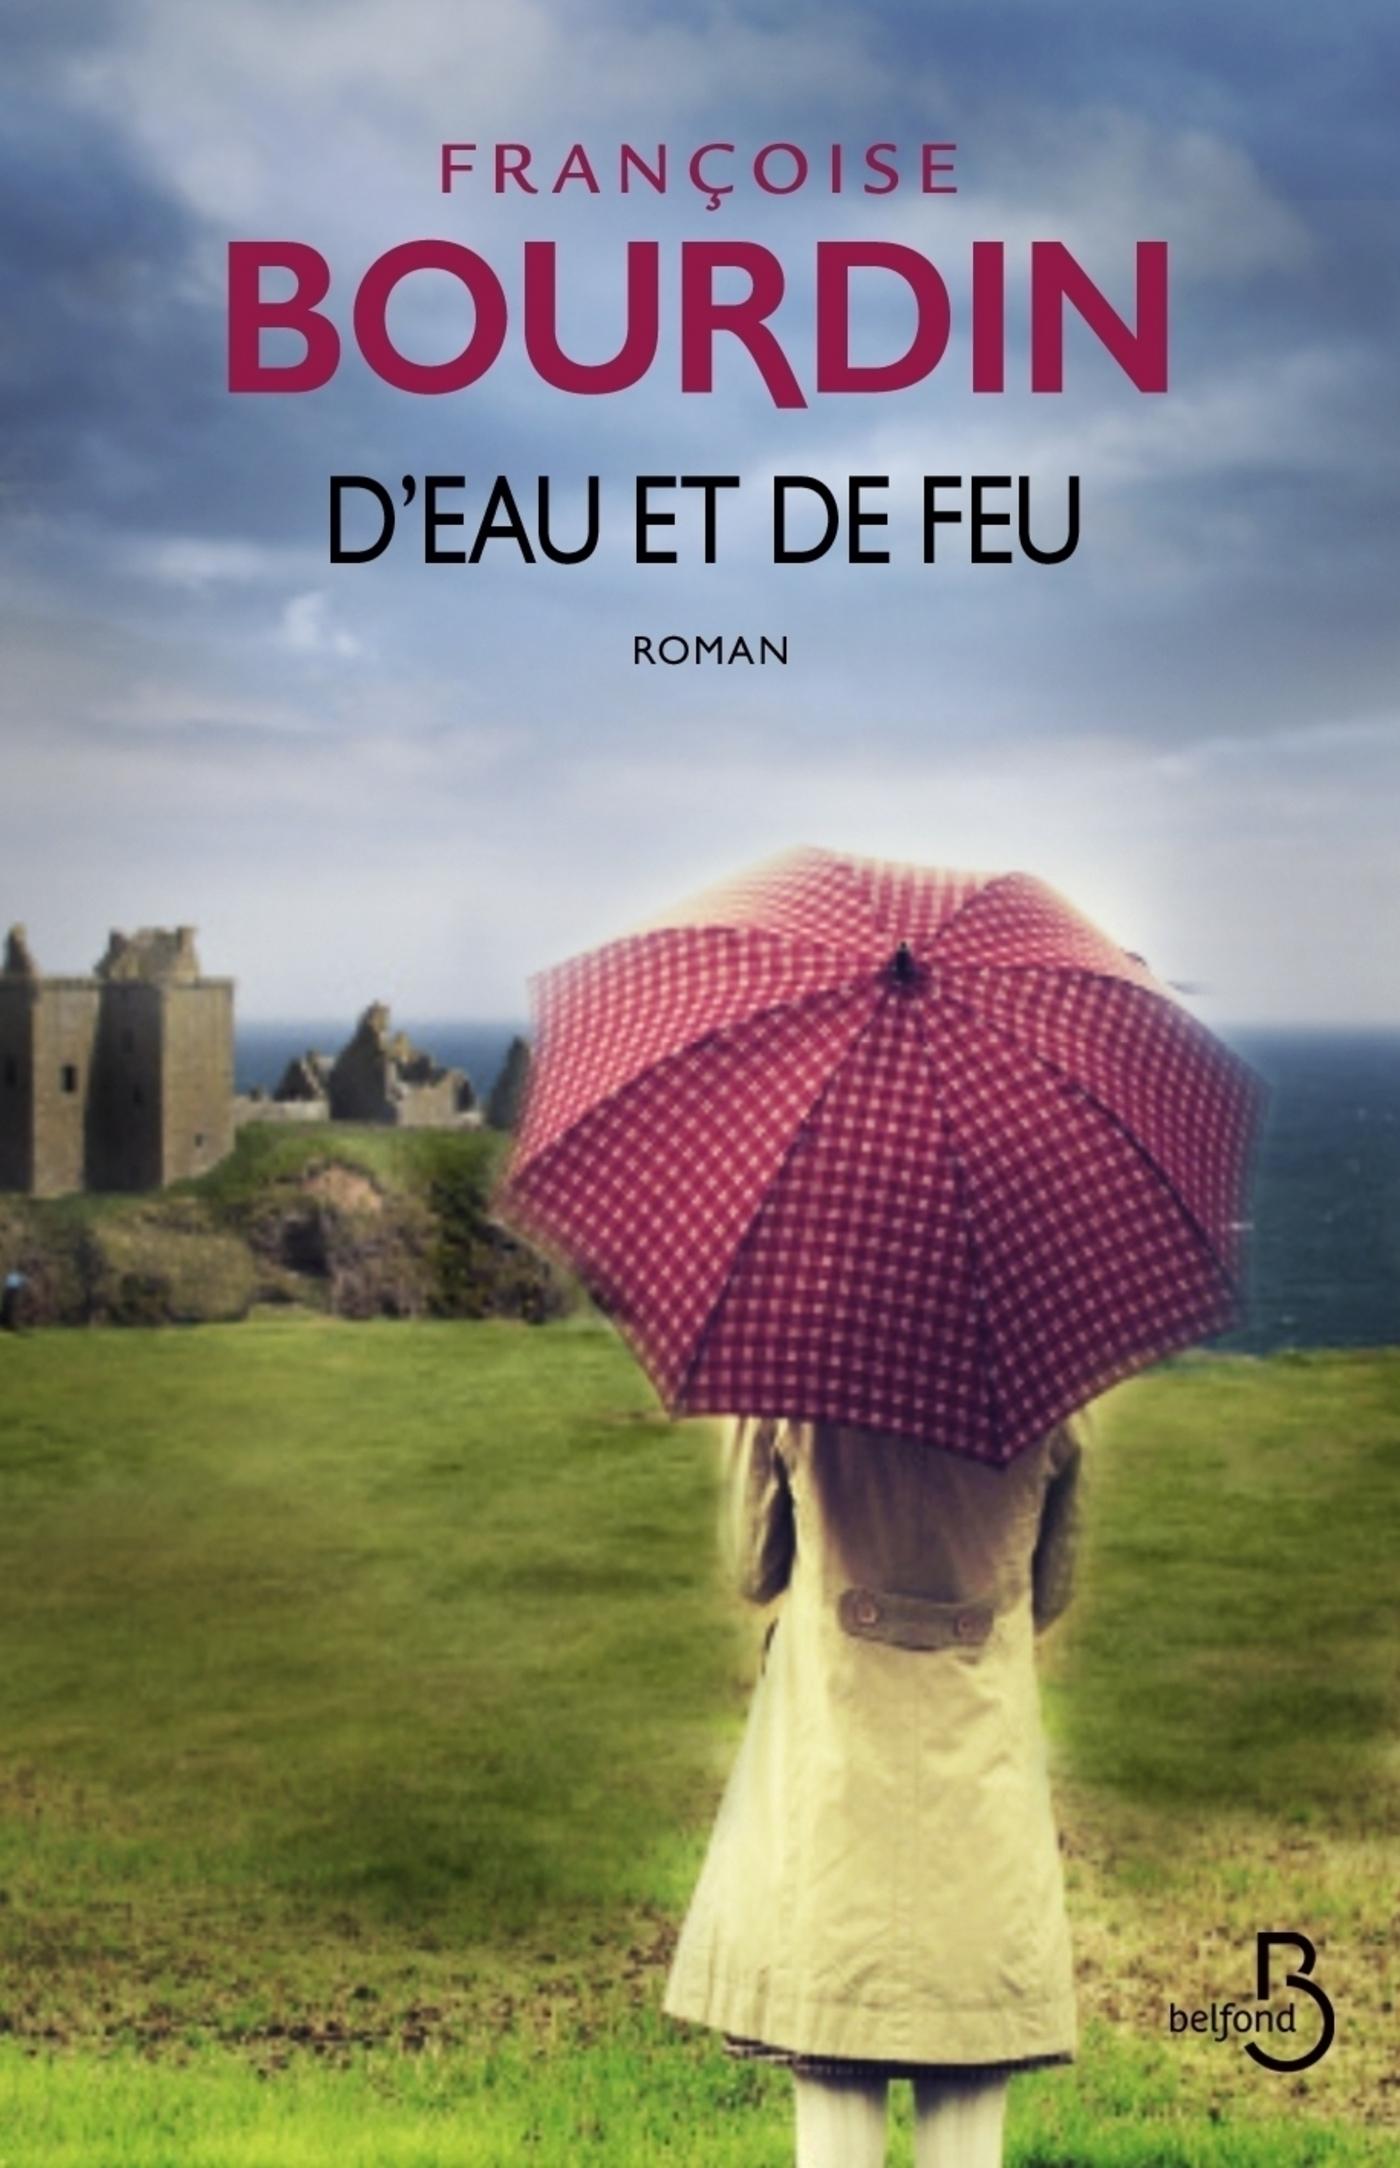 D'eau et de feu | BOURDIN, Françoise